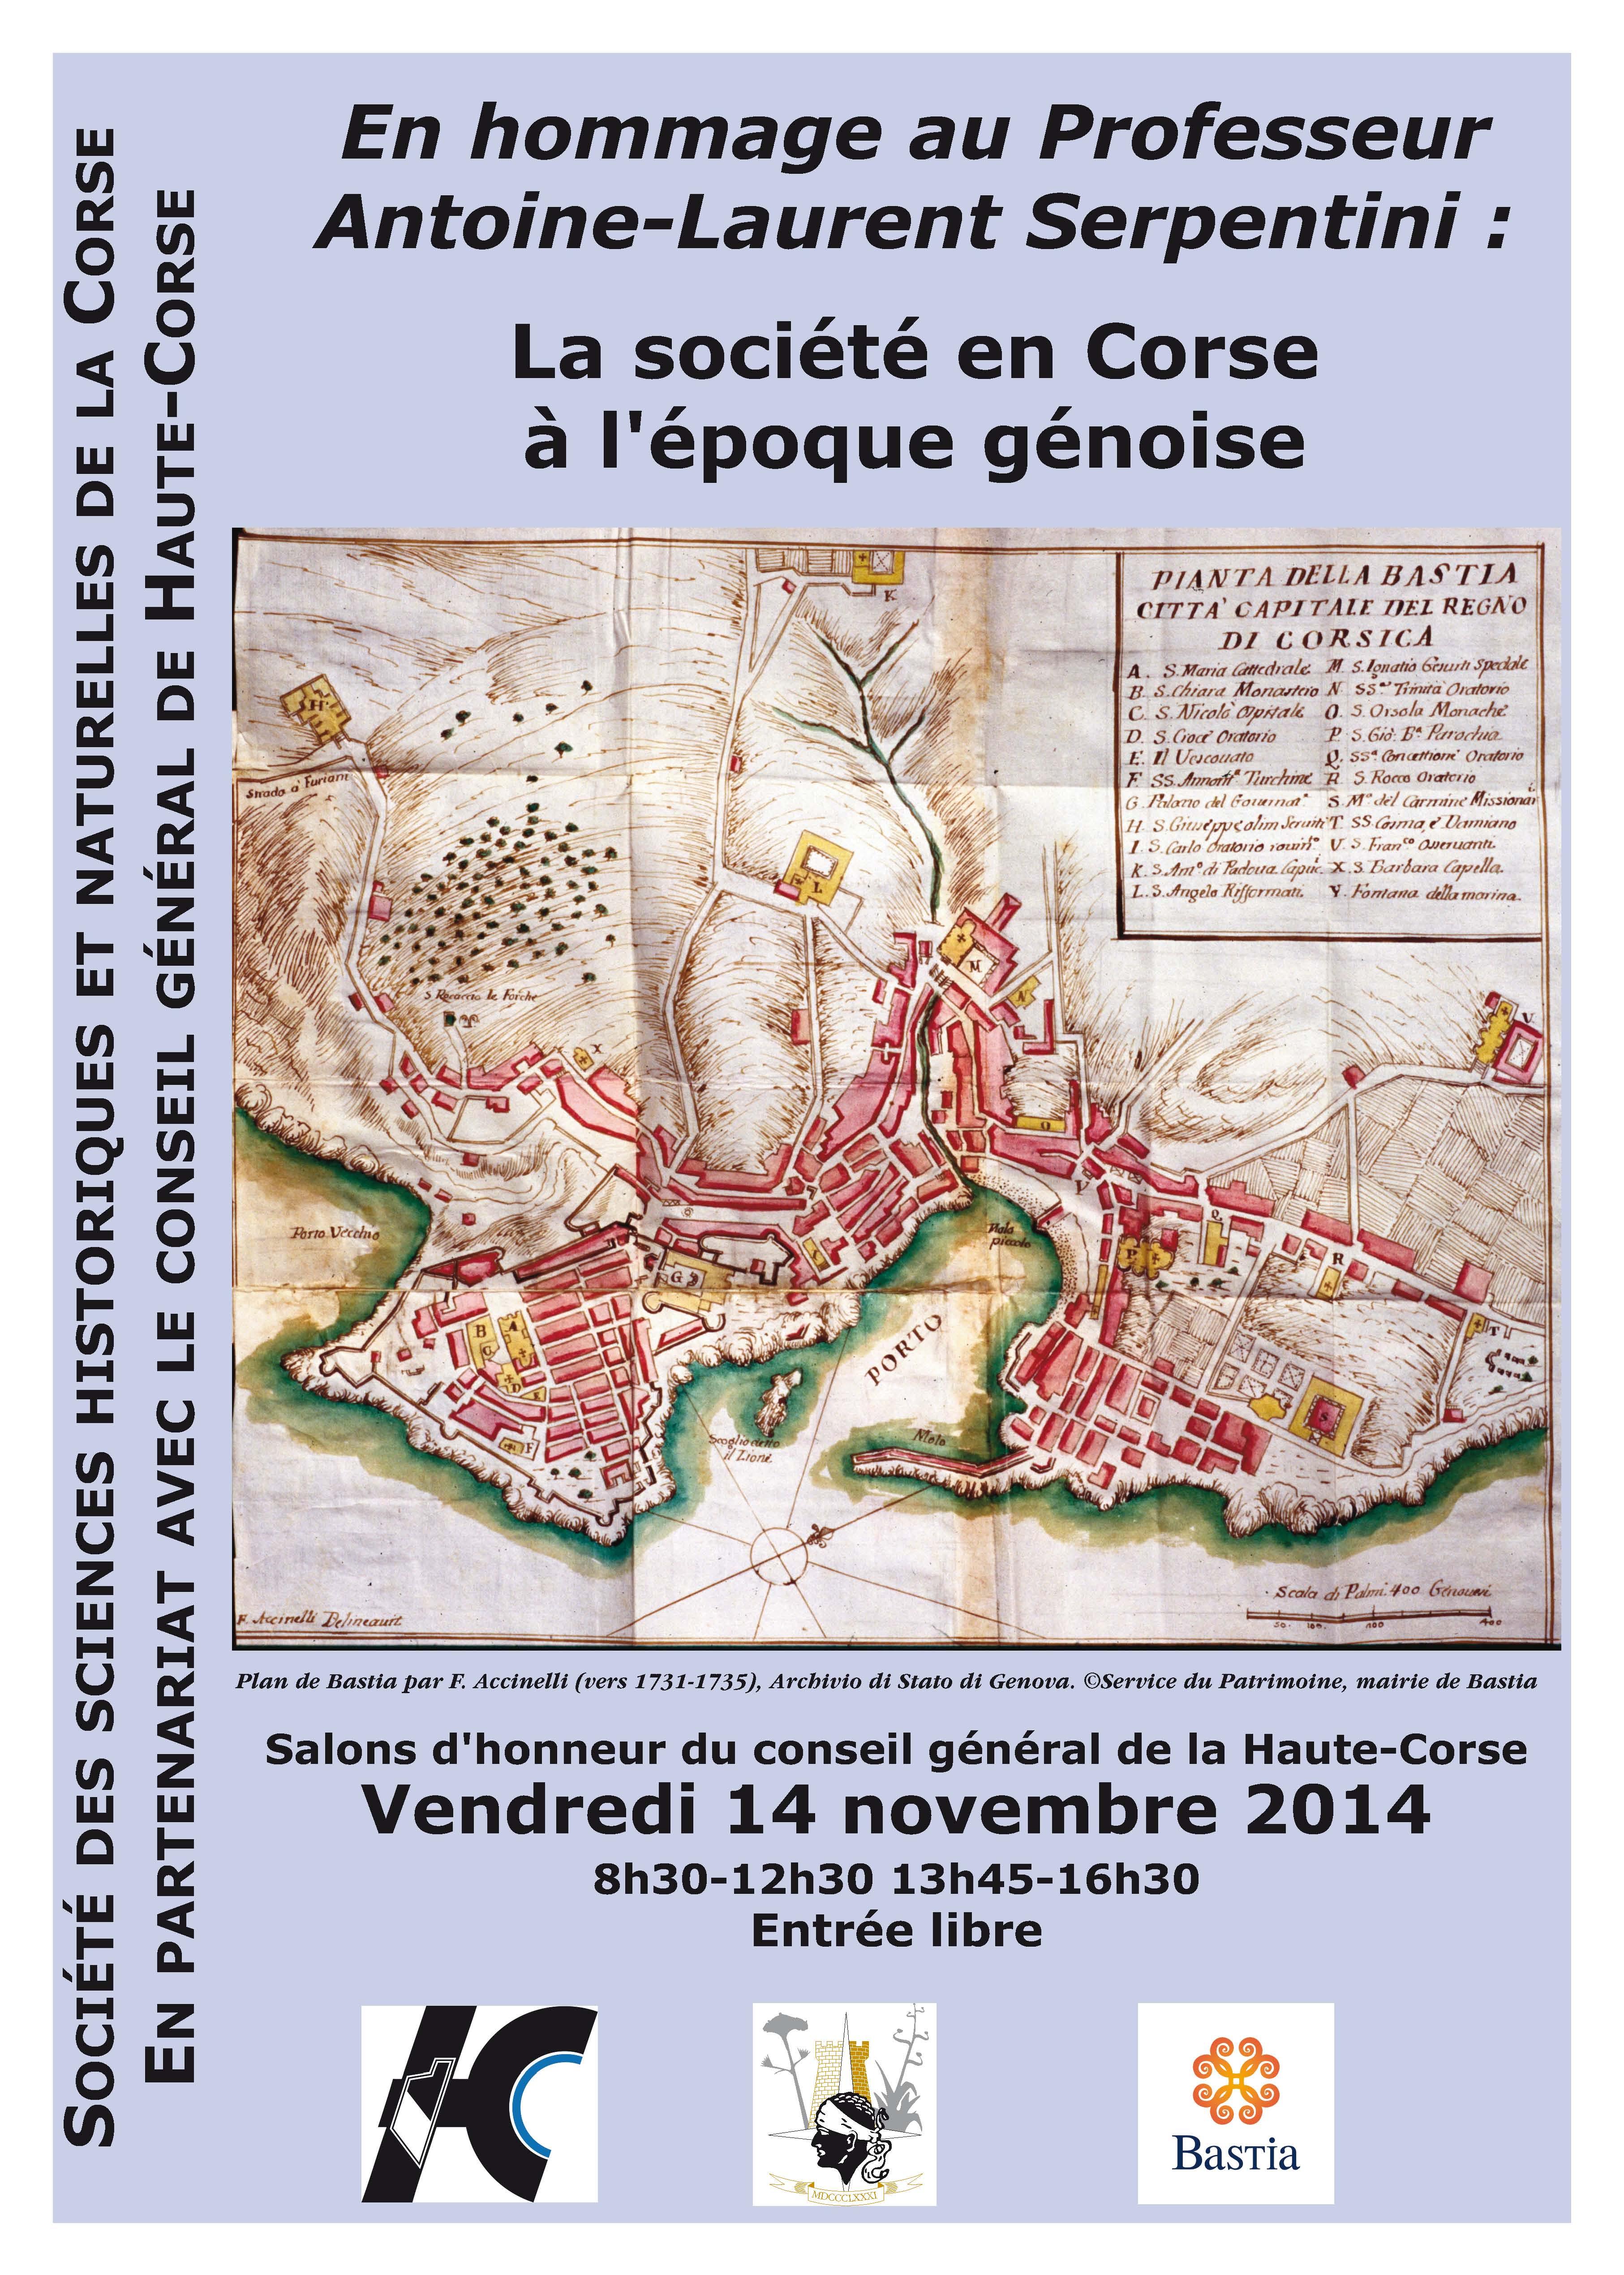 Bastia : La Société des Sciences rend hommage à Antoine-Laurent Serpentini